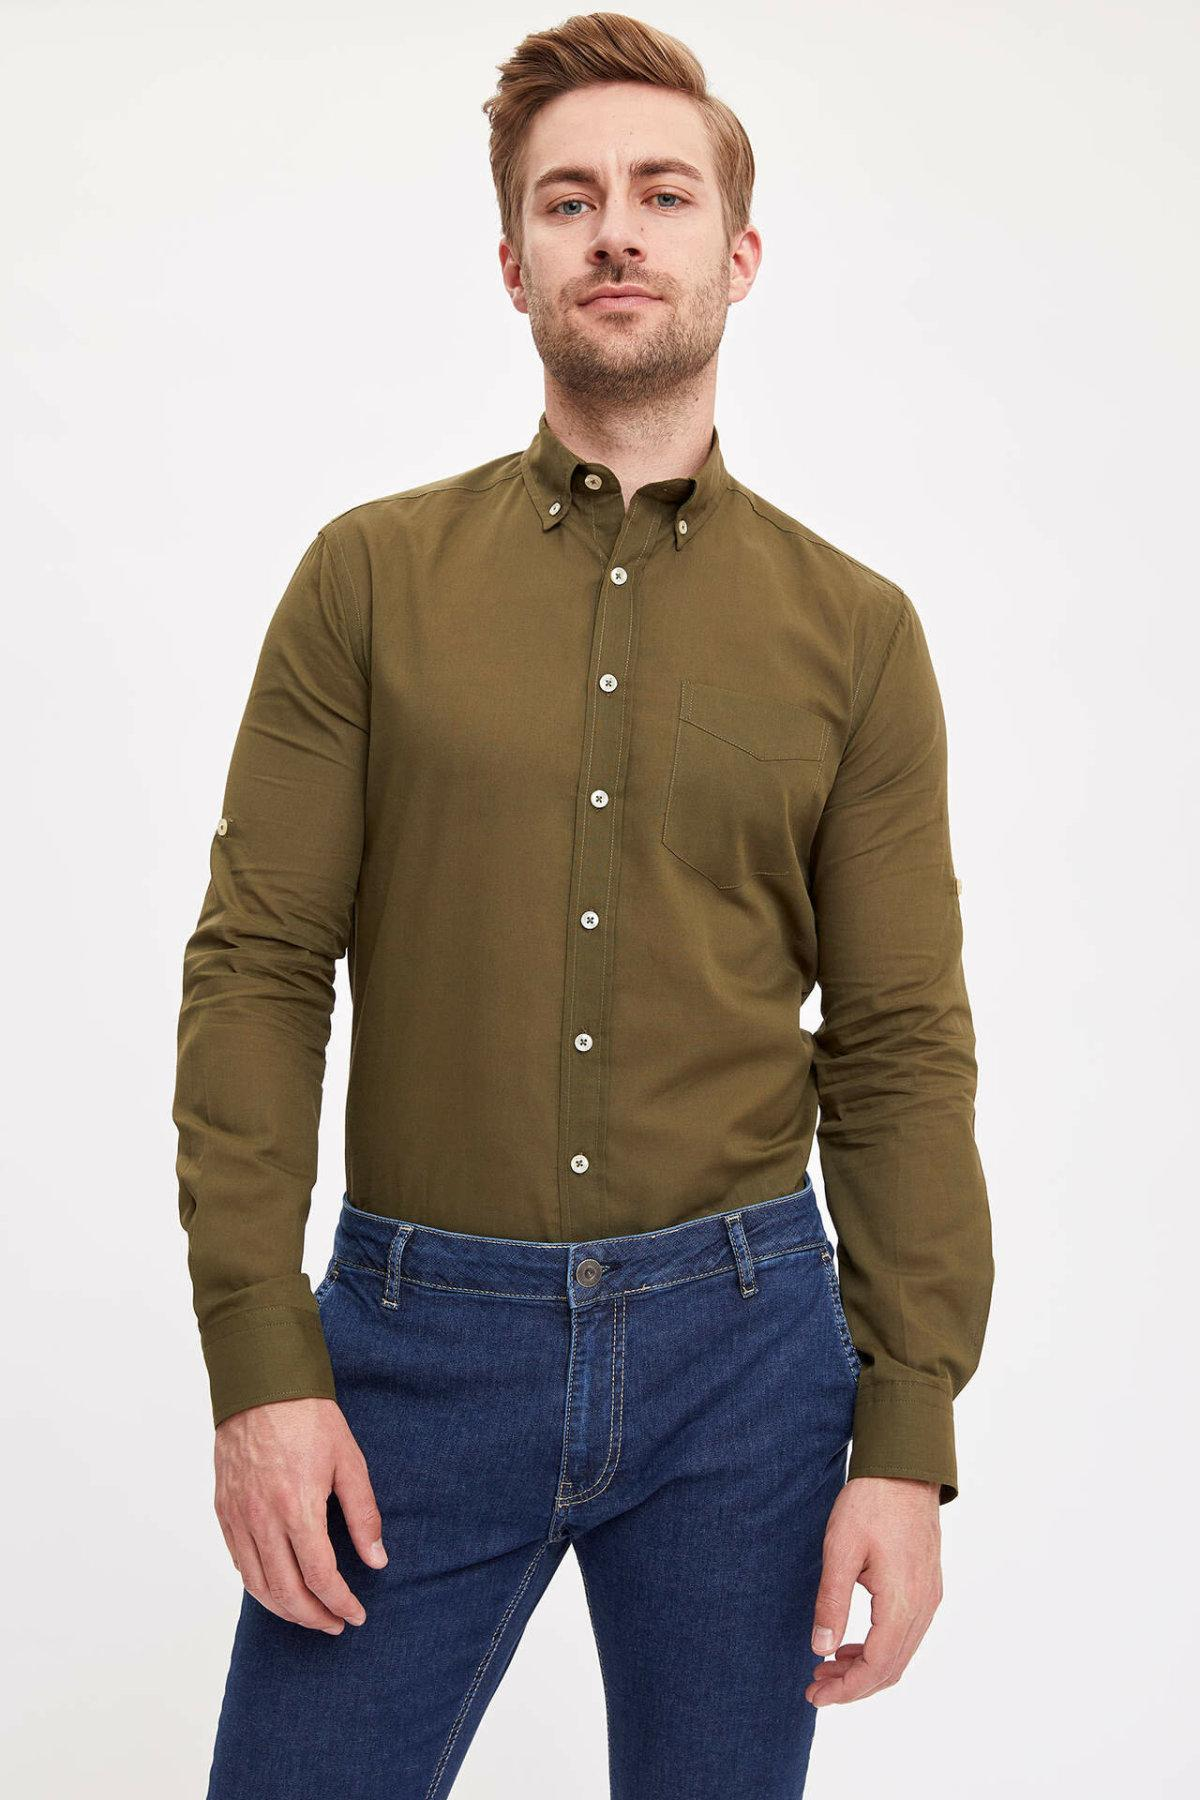 DeFacto Man Summer дышащий Solid Color Tops Рубашки Мужчины Повседневная рубашка с длинным рукавом Смарт Мужчины отложной воротник рубашки-K2094AZ19SM